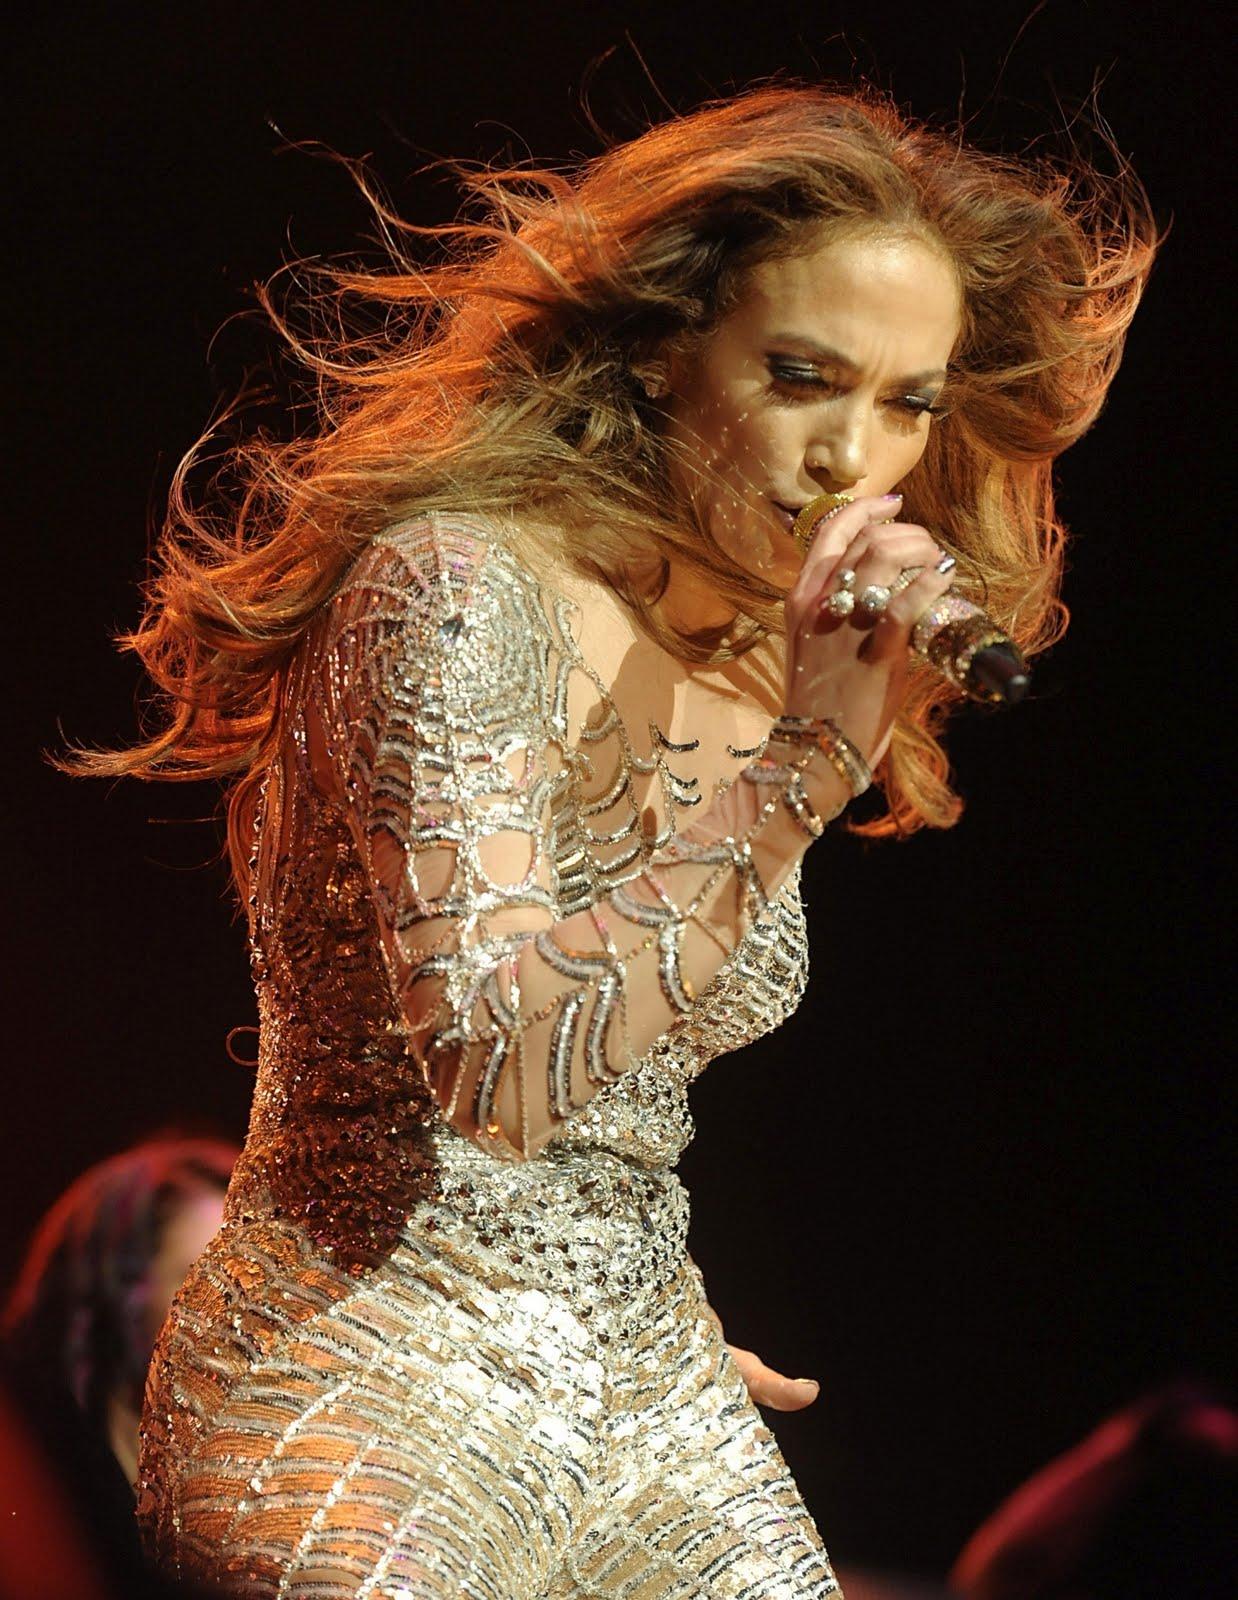 http://1.bp.blogspot.com/-3gqYNvIYSrk/TdA3emAMiQI/AAAAAAAALwE/1JxjHRAitAo/s1600/Jennifer-Lopez-32.jpg